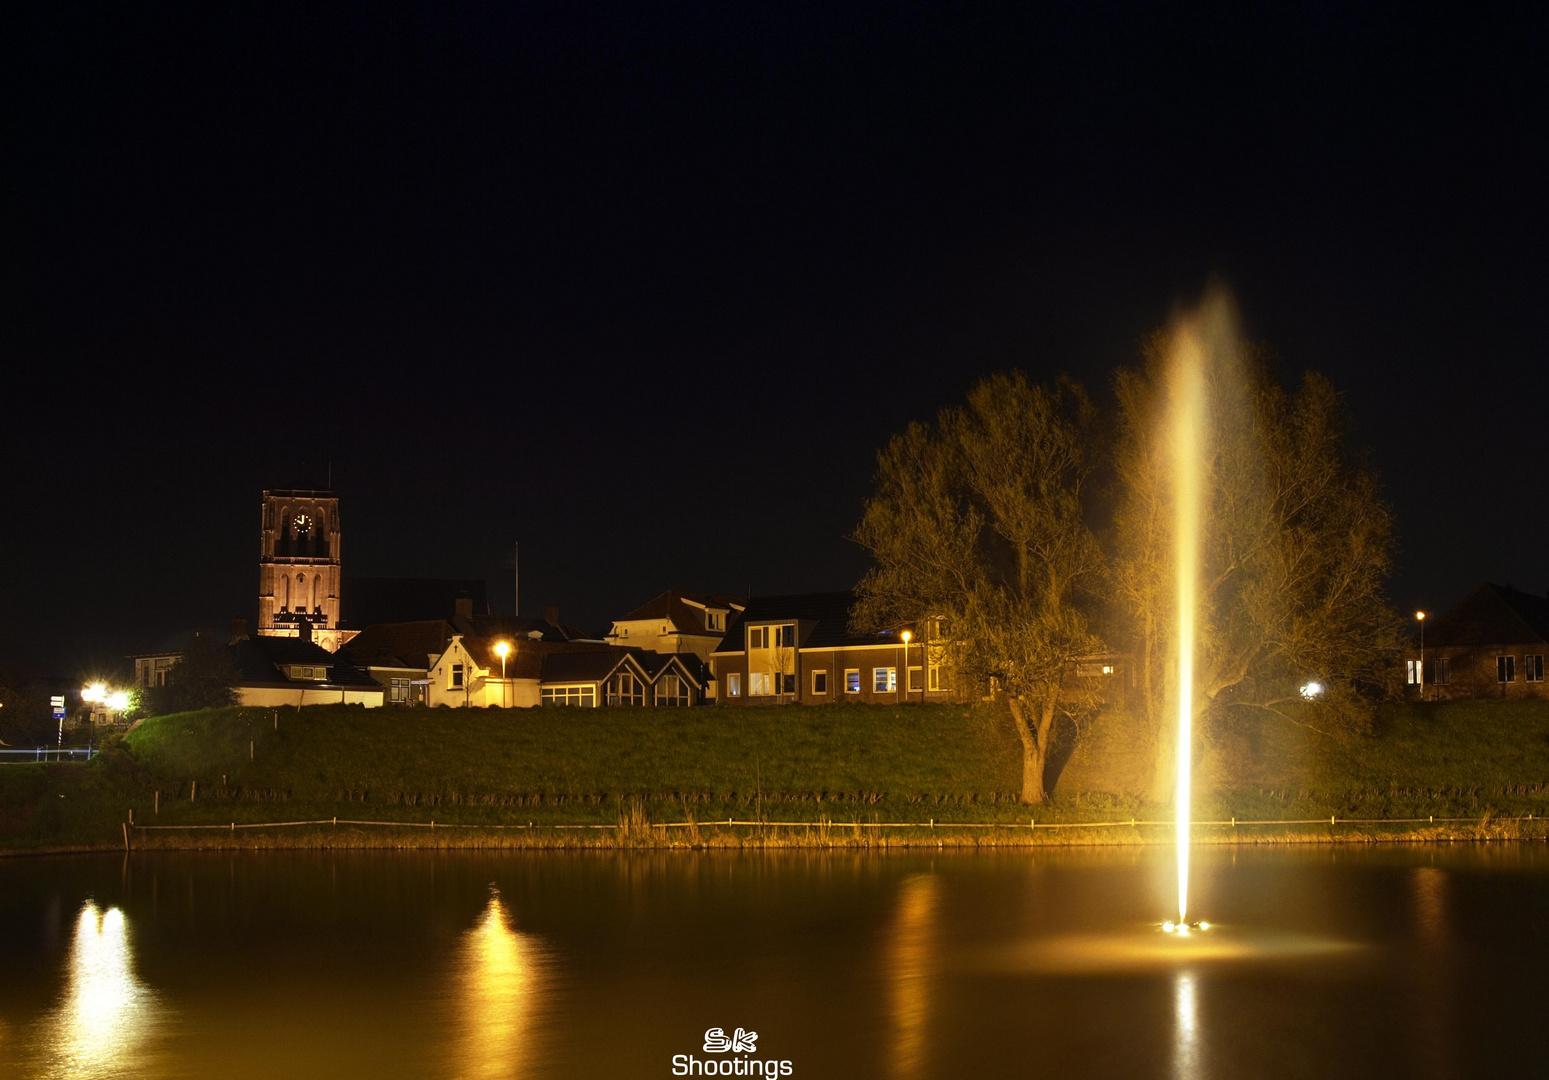 Brielle (NL) bei Nacht